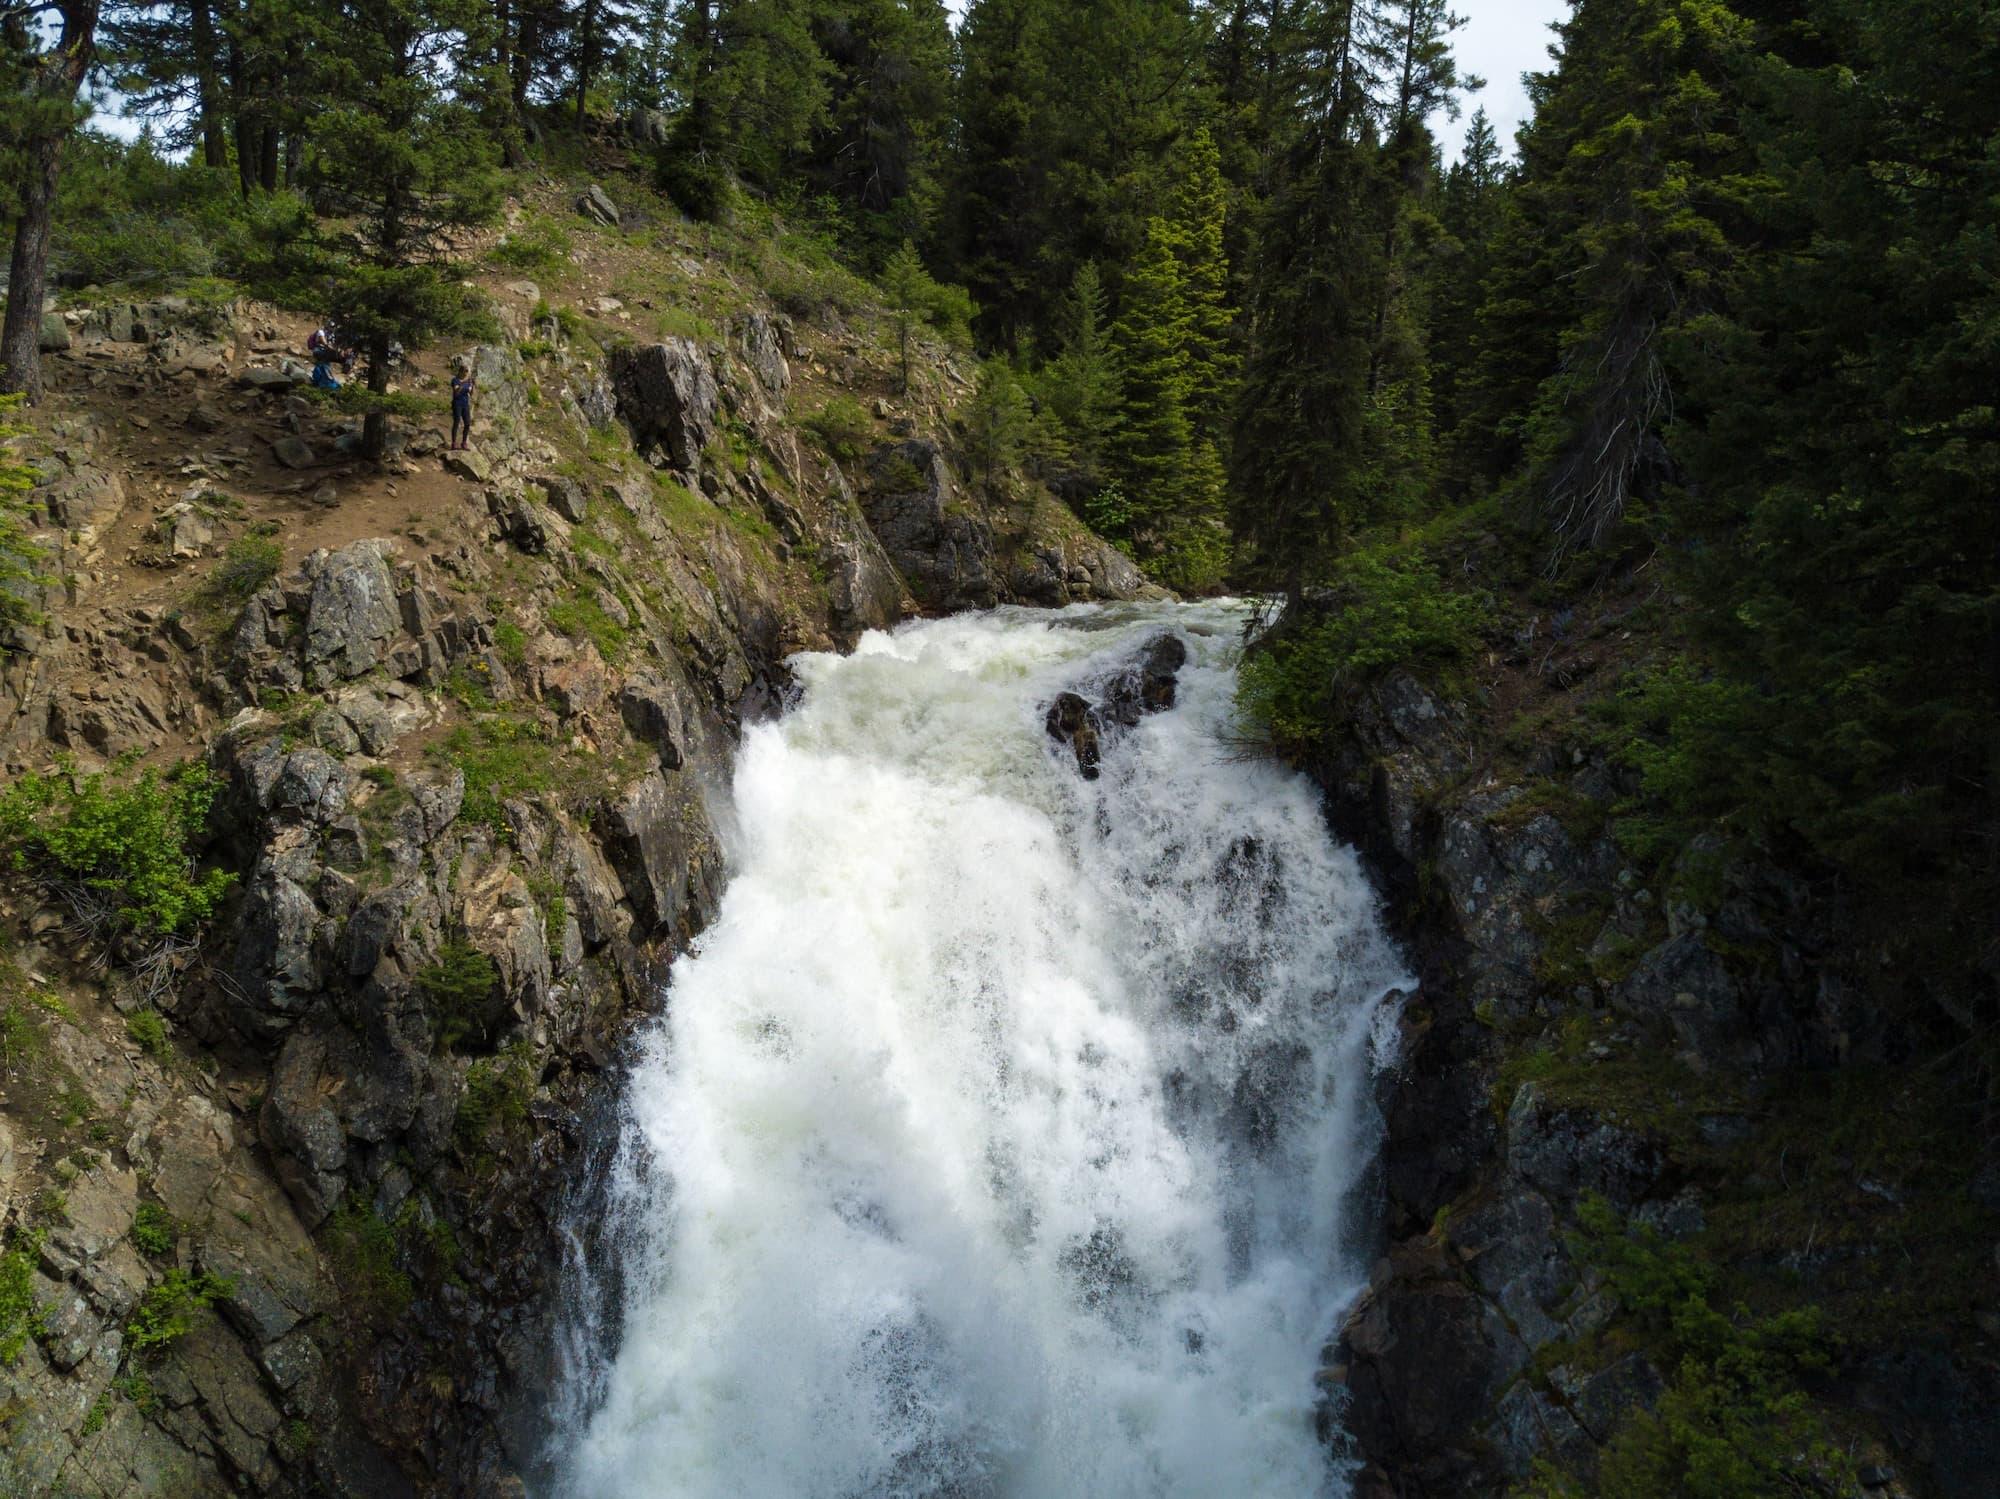 Goose Creek Falls Hike in McCall Idaho